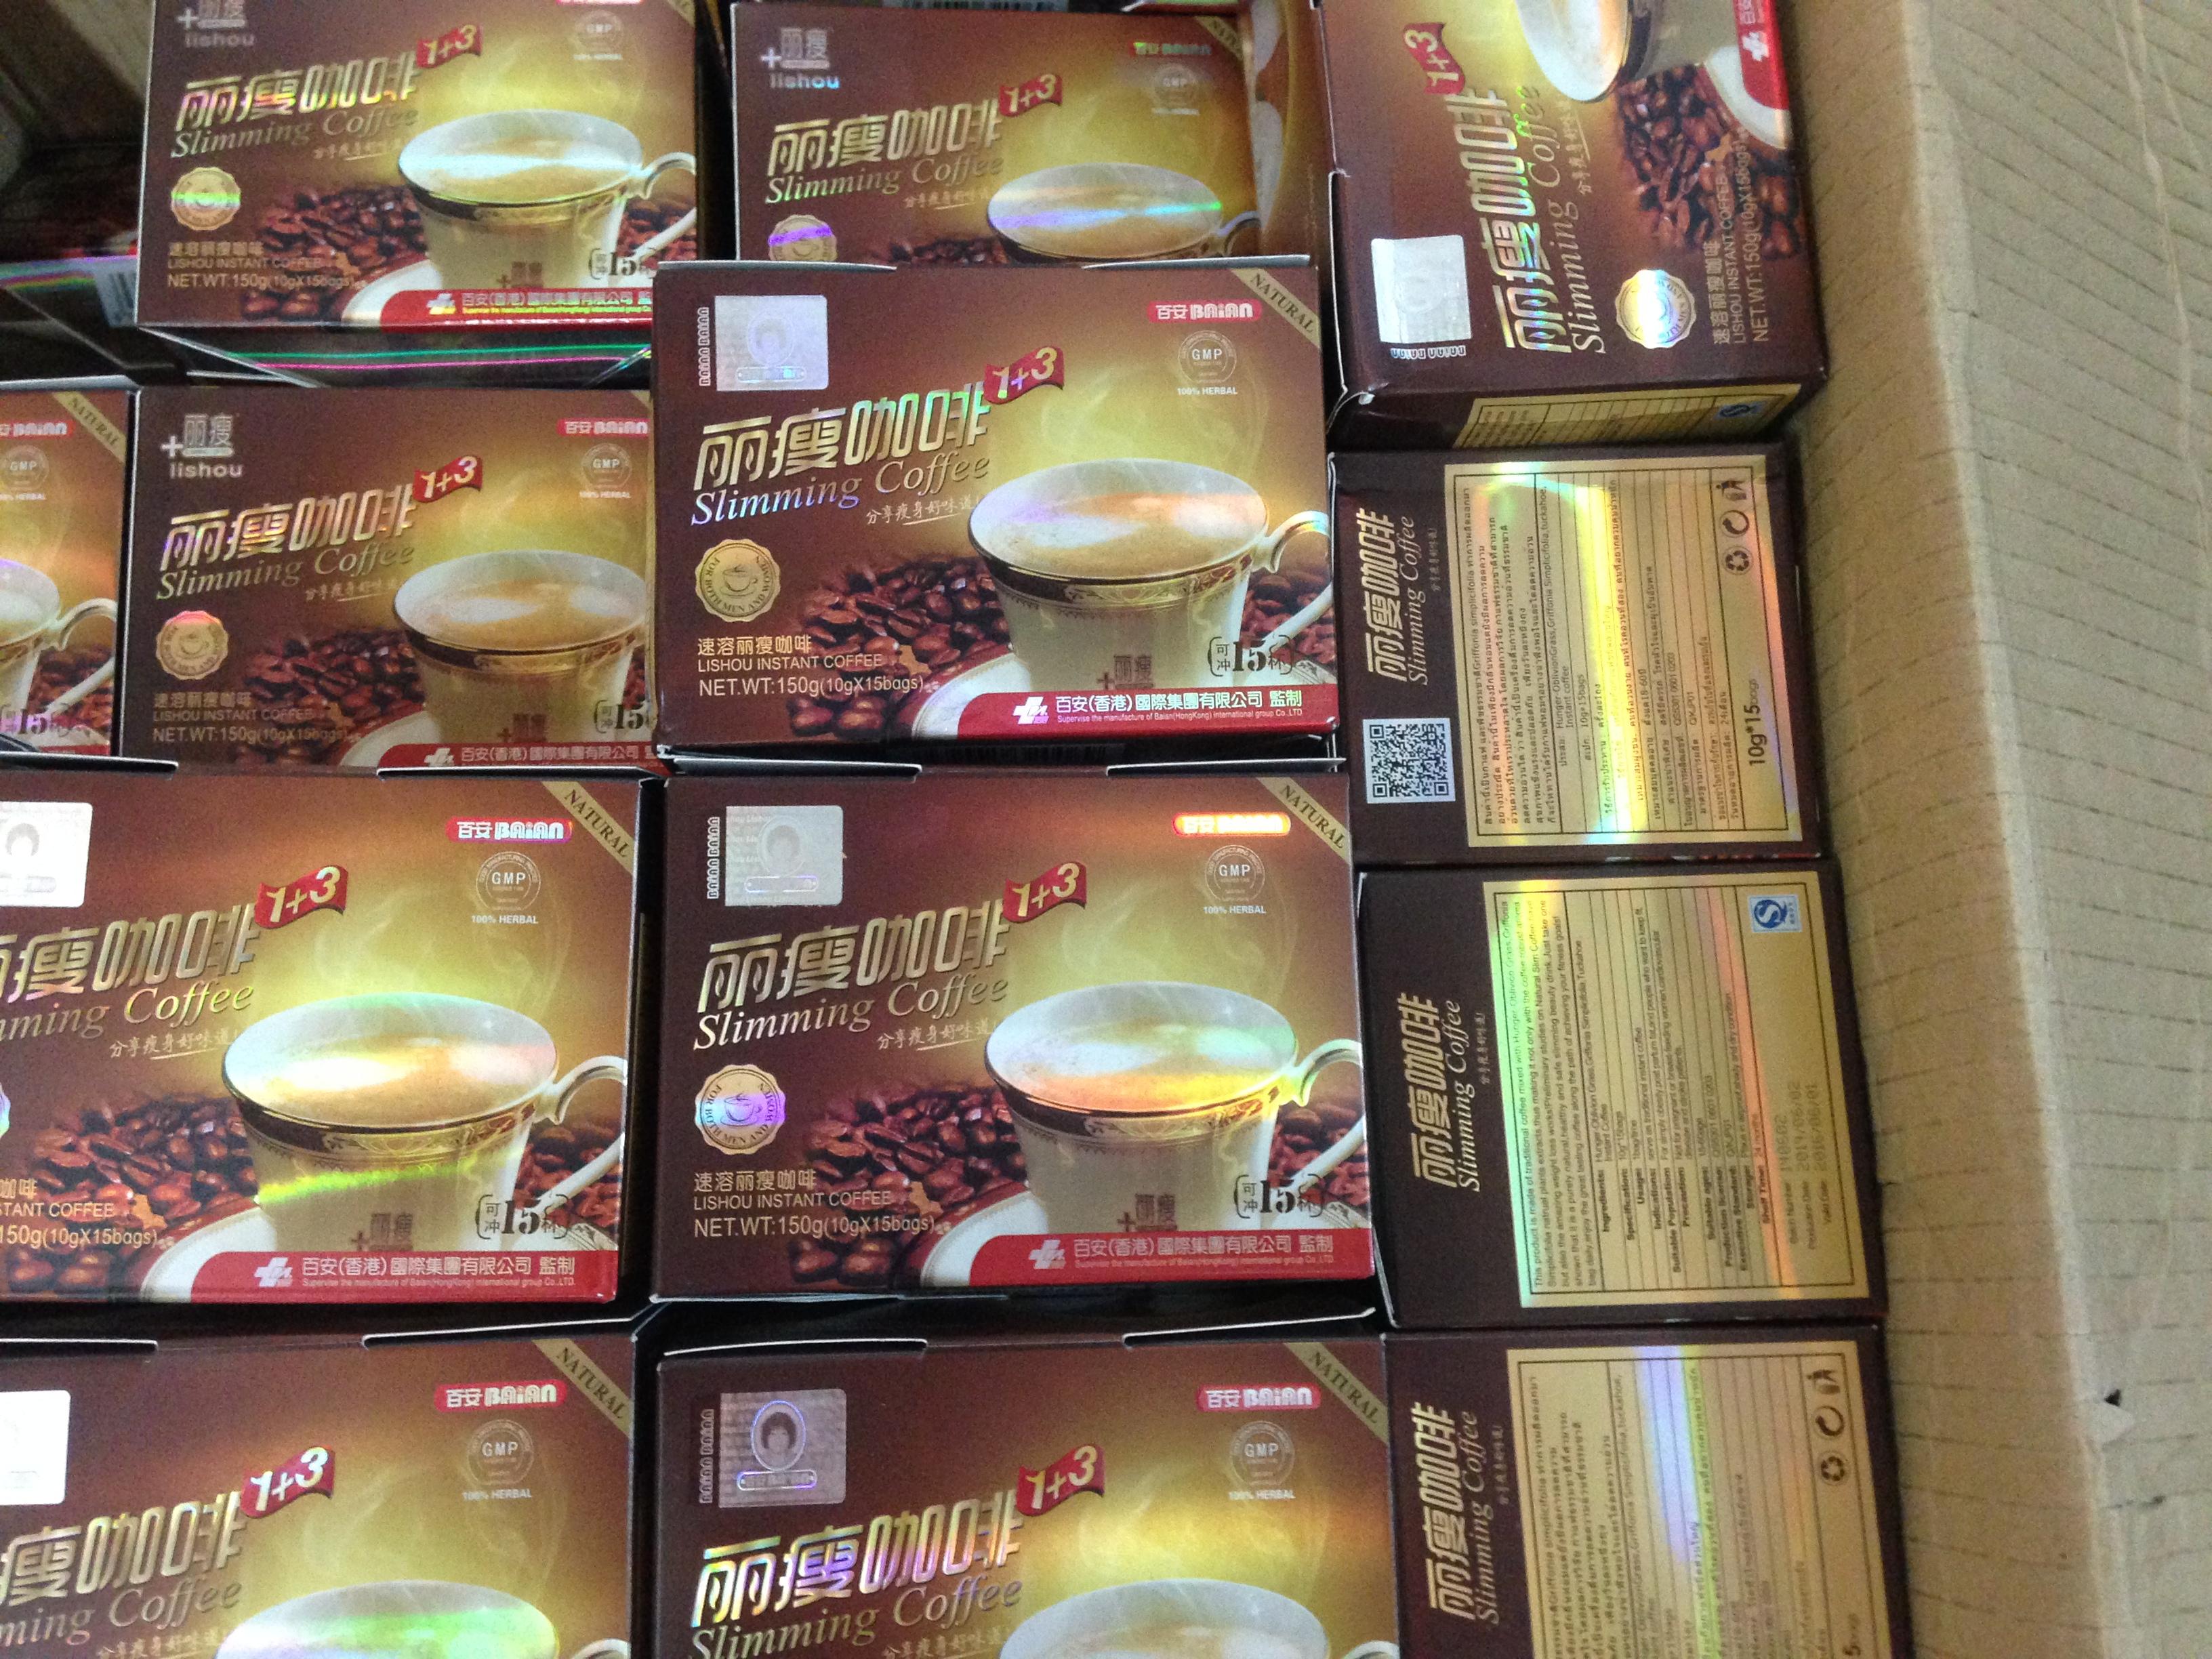 กาแฟควบคุมน้ำหนักลิโซ่ 3 in 1 (กระดาษ) 15ซอง สติกเกอร์เงินแบบใหม่เท่านั้นของแท้!!